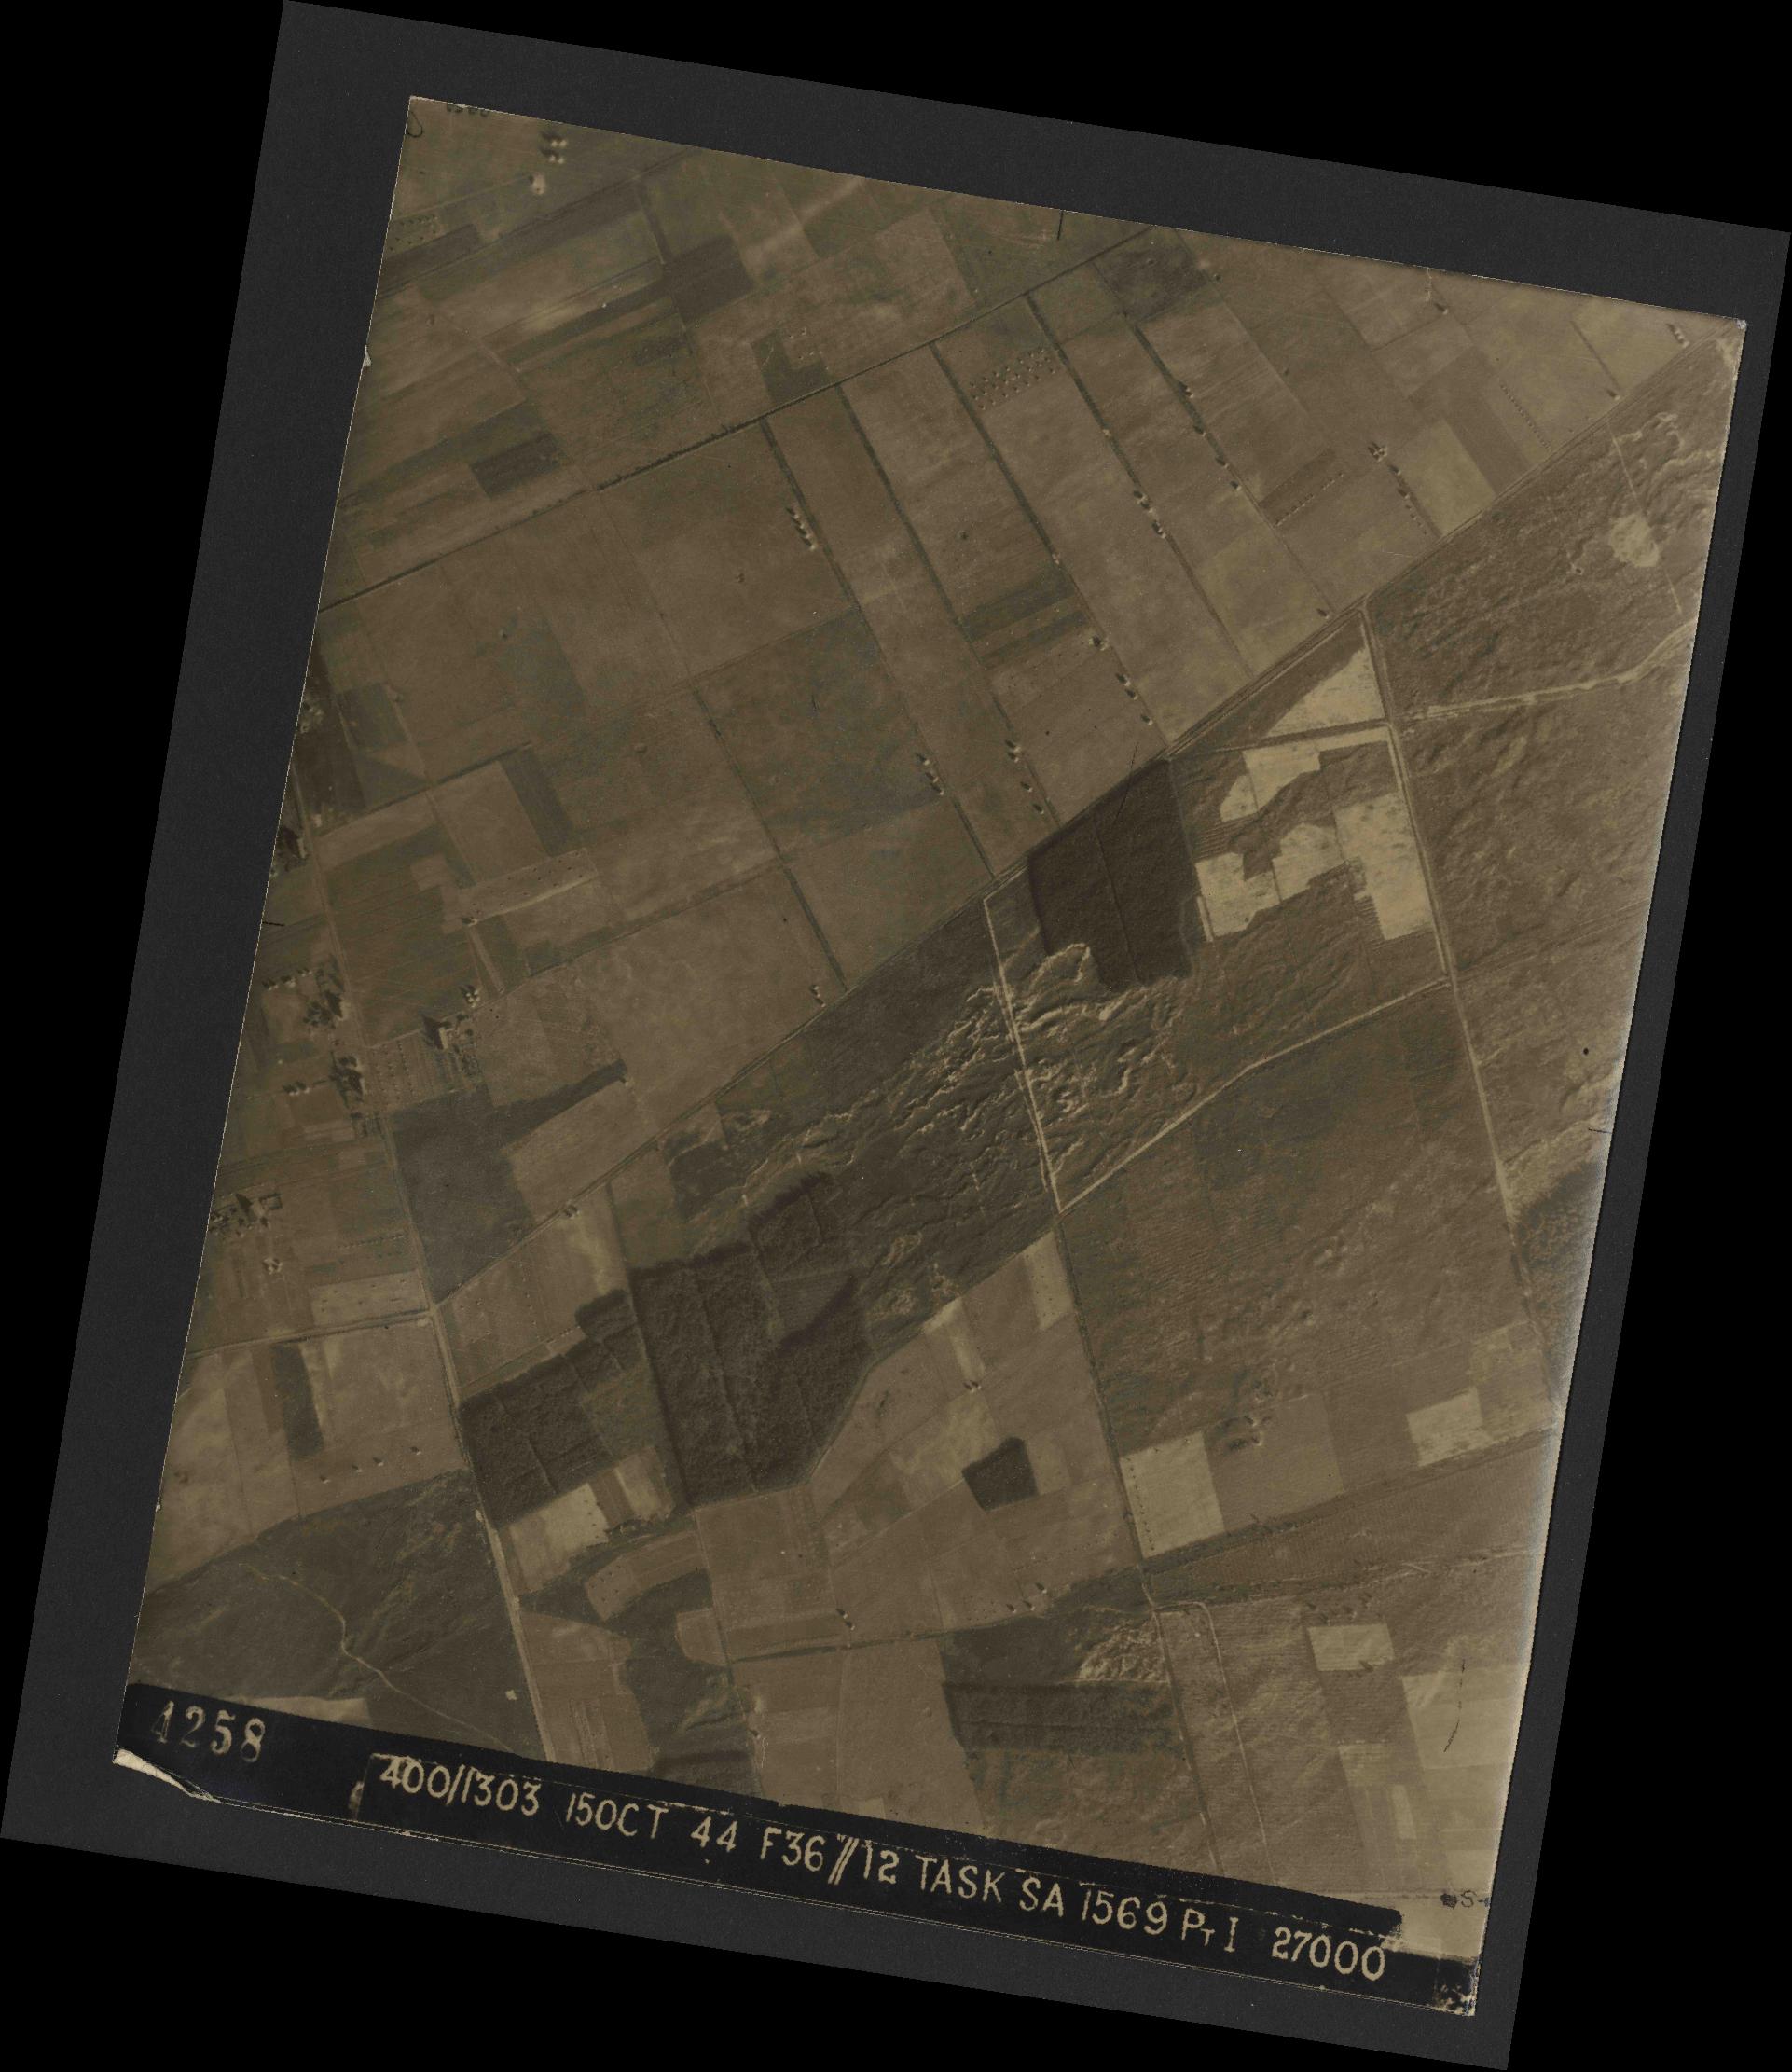 Collection RAF aerial photos 1940-1945 - flight 178, run 22, photo 4258